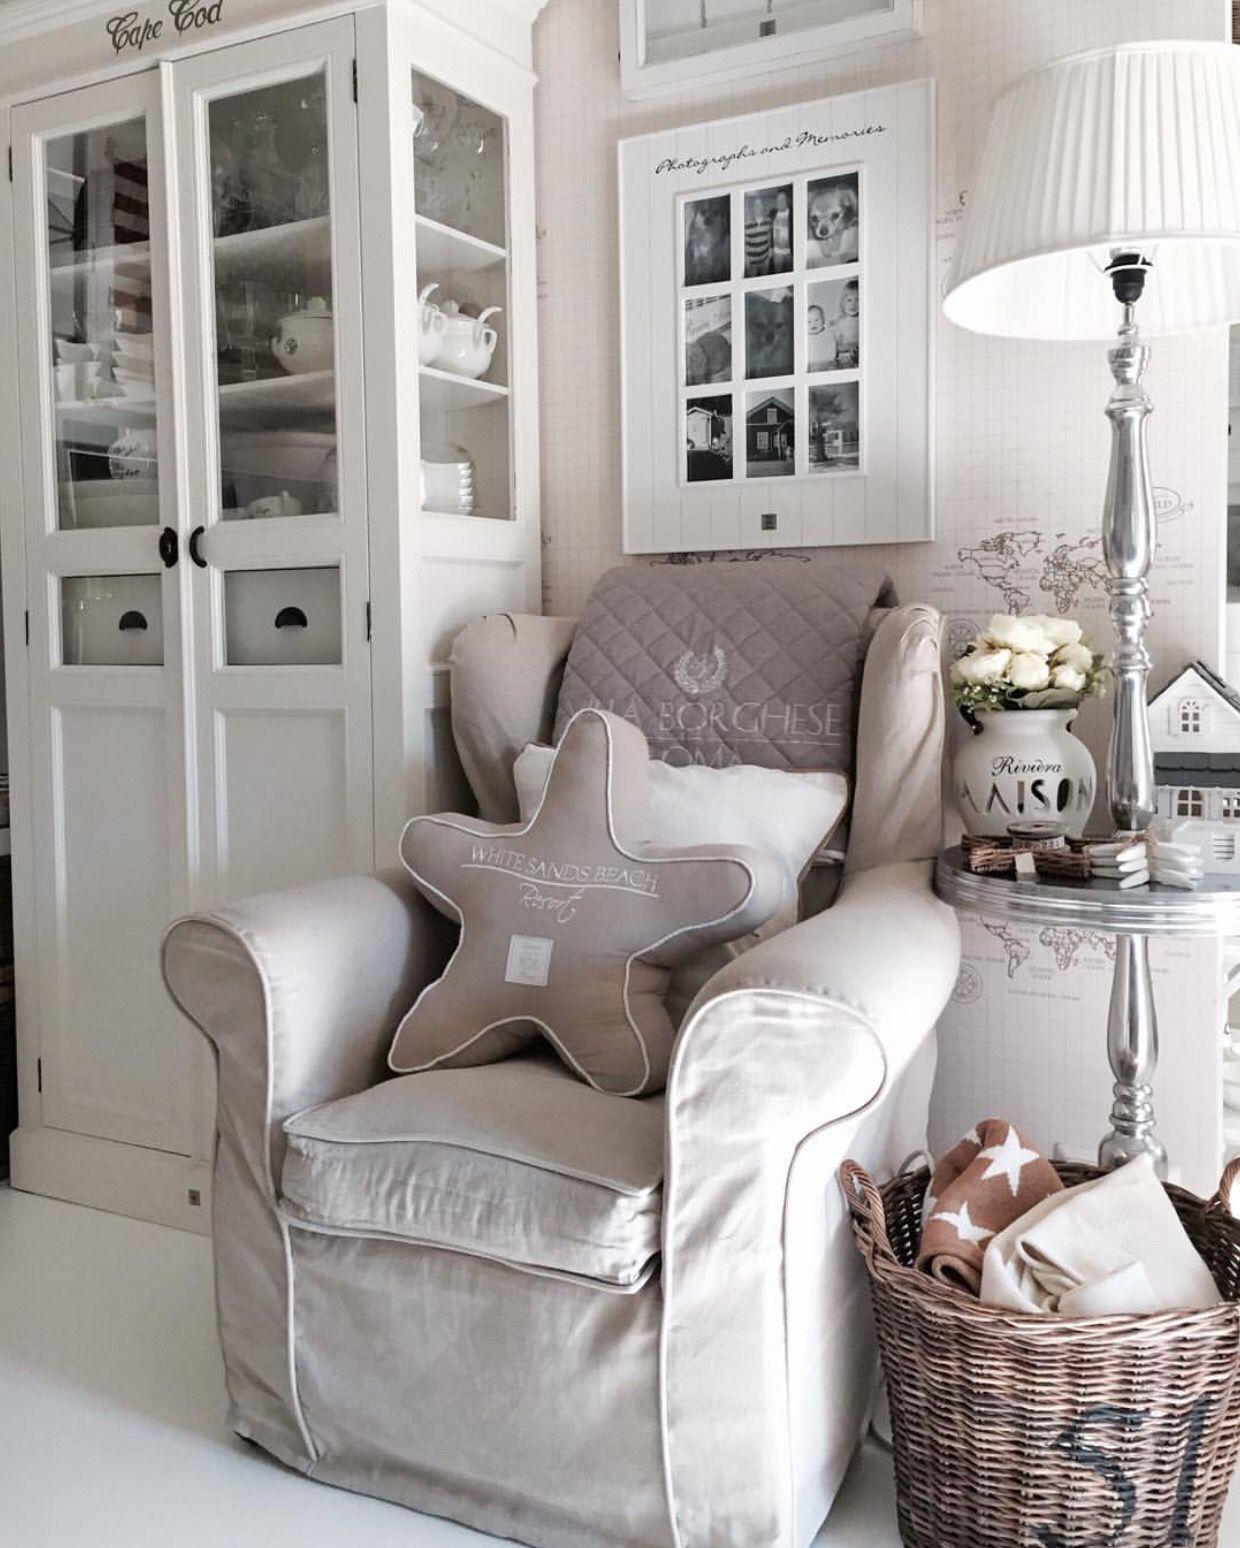 Landelijke zithoek in shabby chic Riviera Maison stijl | essie ...